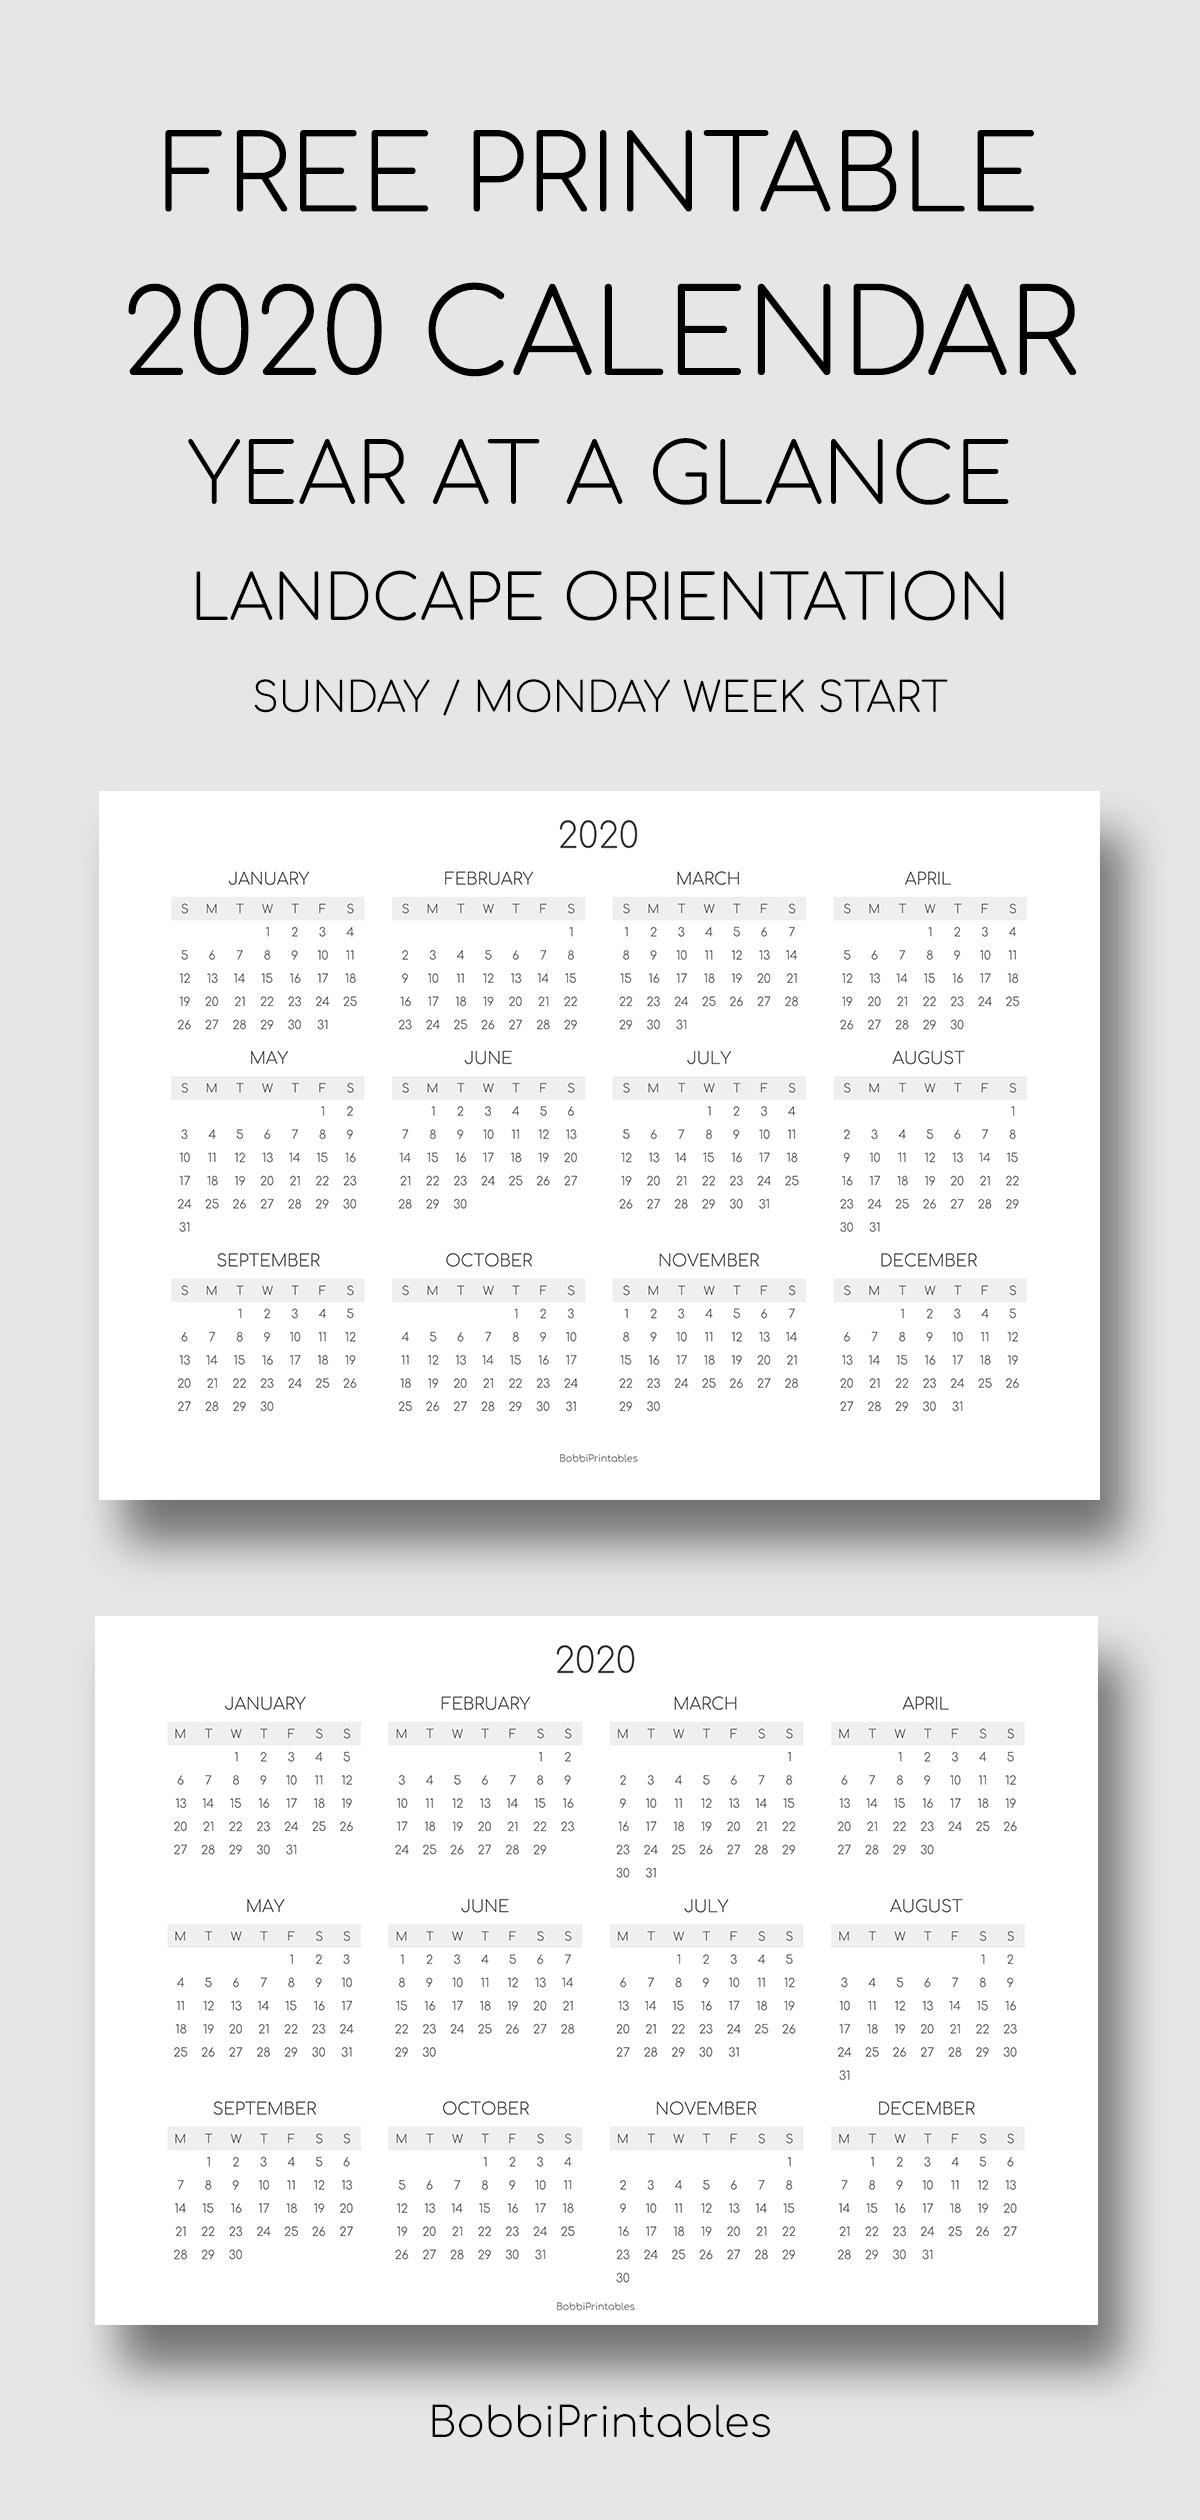 Printable 2020 Calendar - Landscape In 2020 | Landscape within 2020 Calendar Landscape Year At A Glance